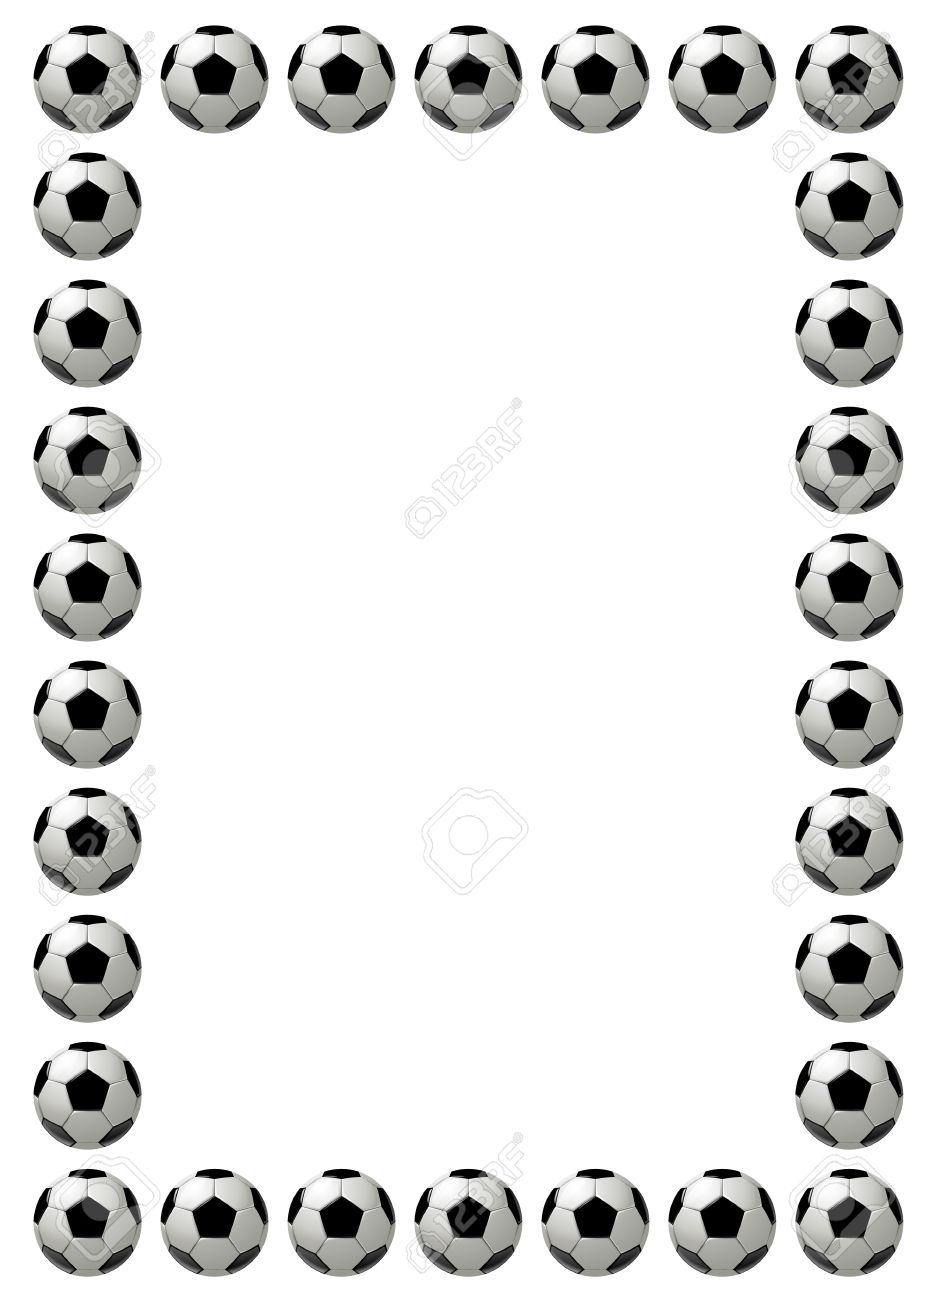 Groß Fußball Rahmen Ideen - Rahmen Ideen - markjohnsonshow.info